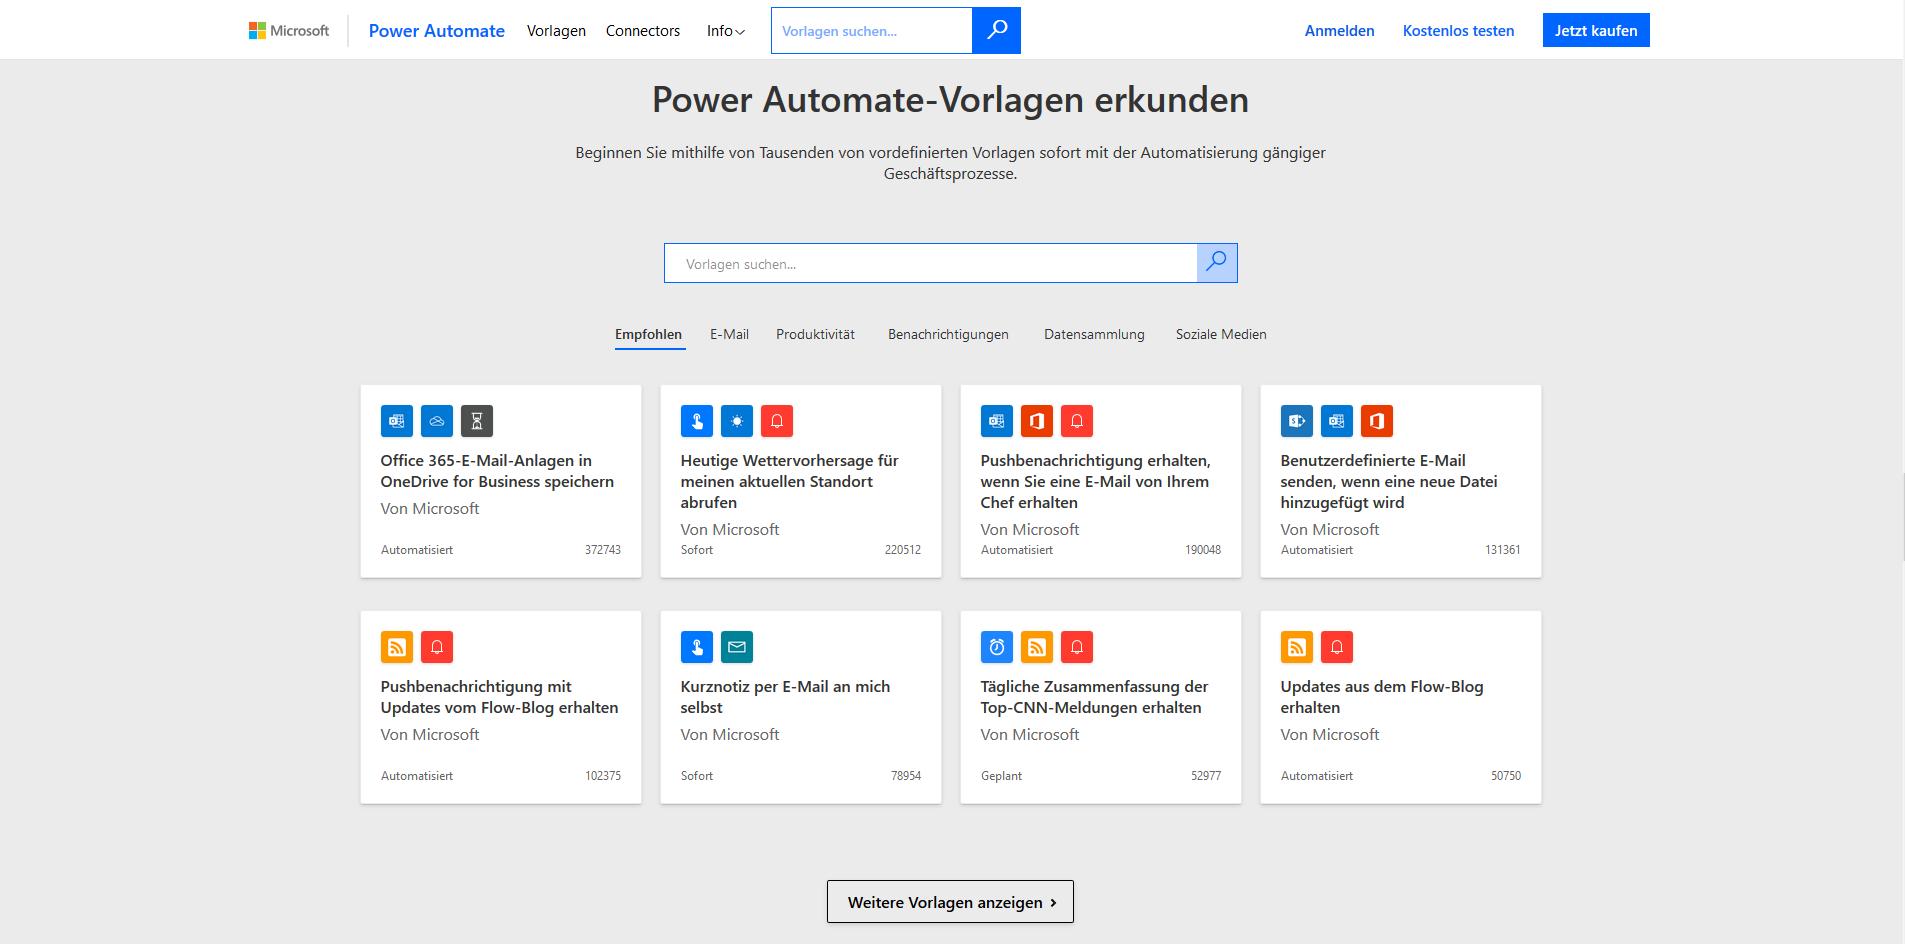 Microsoft Power Automate - Vorlagen